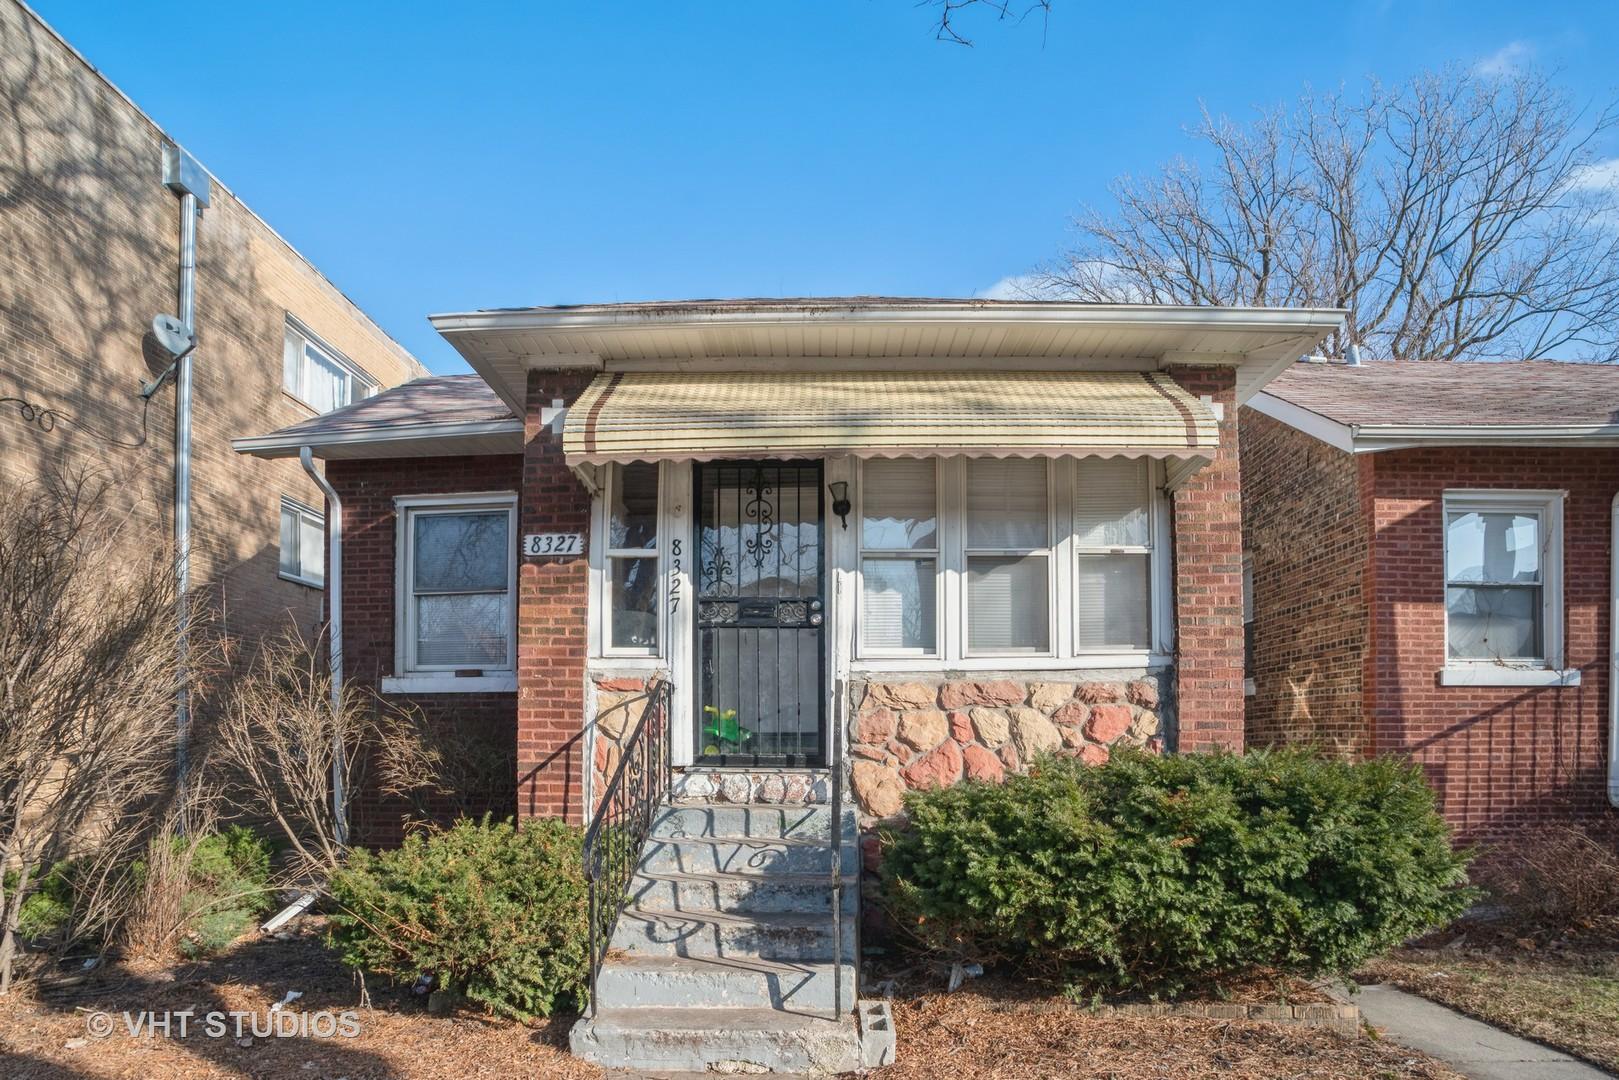 8327 S Drexel Avenue, Chicago IL 60619